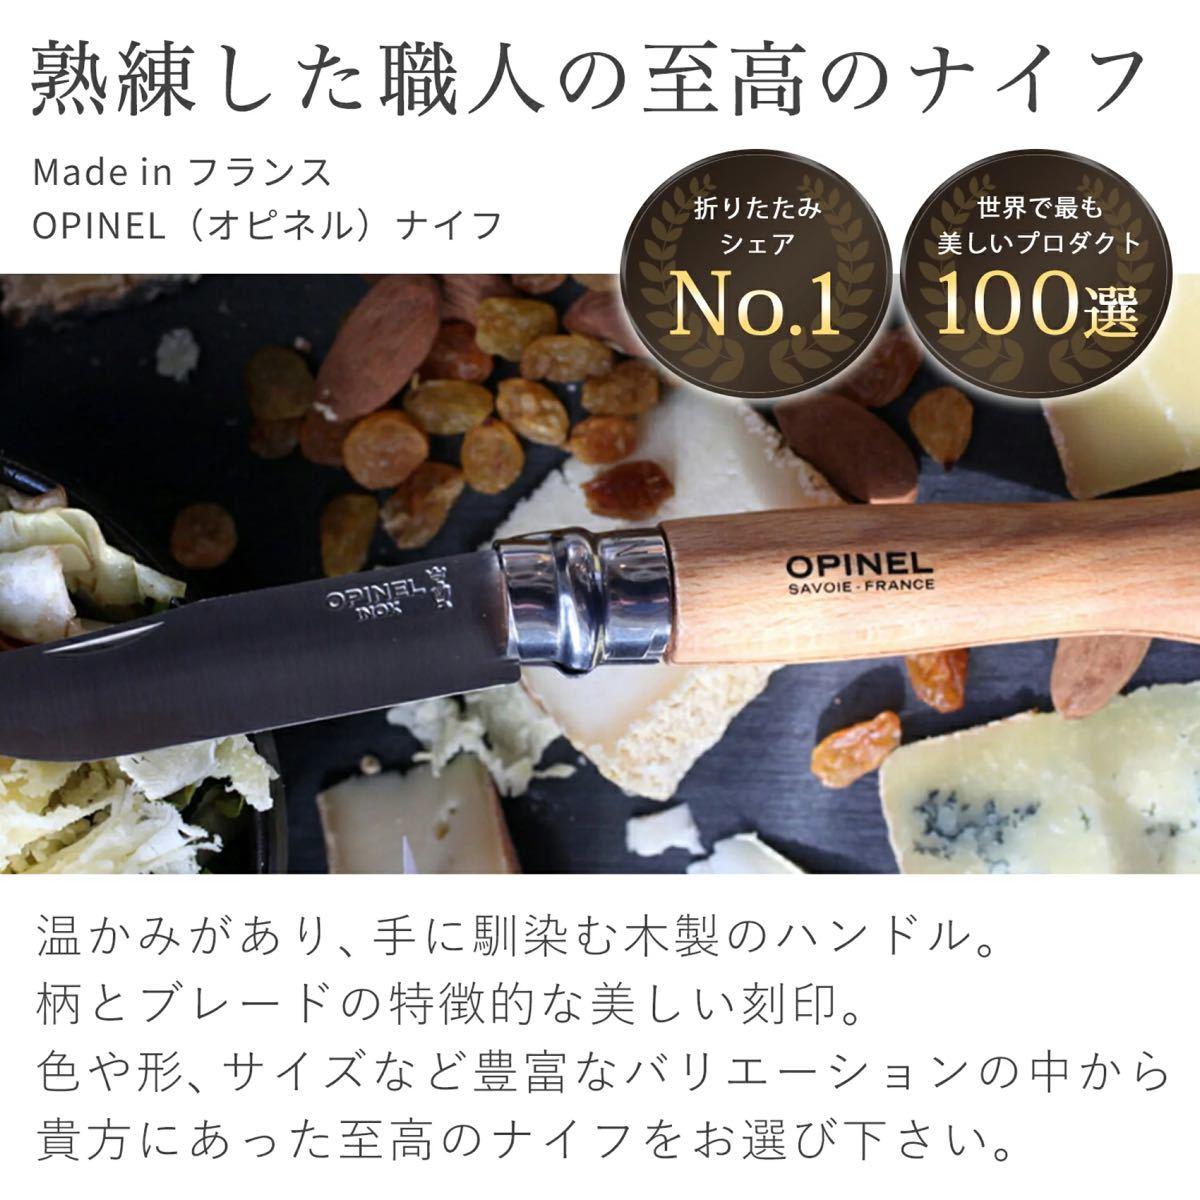 ヒロ様専用   オピネルナイフ #8 8.5cm  2本セット